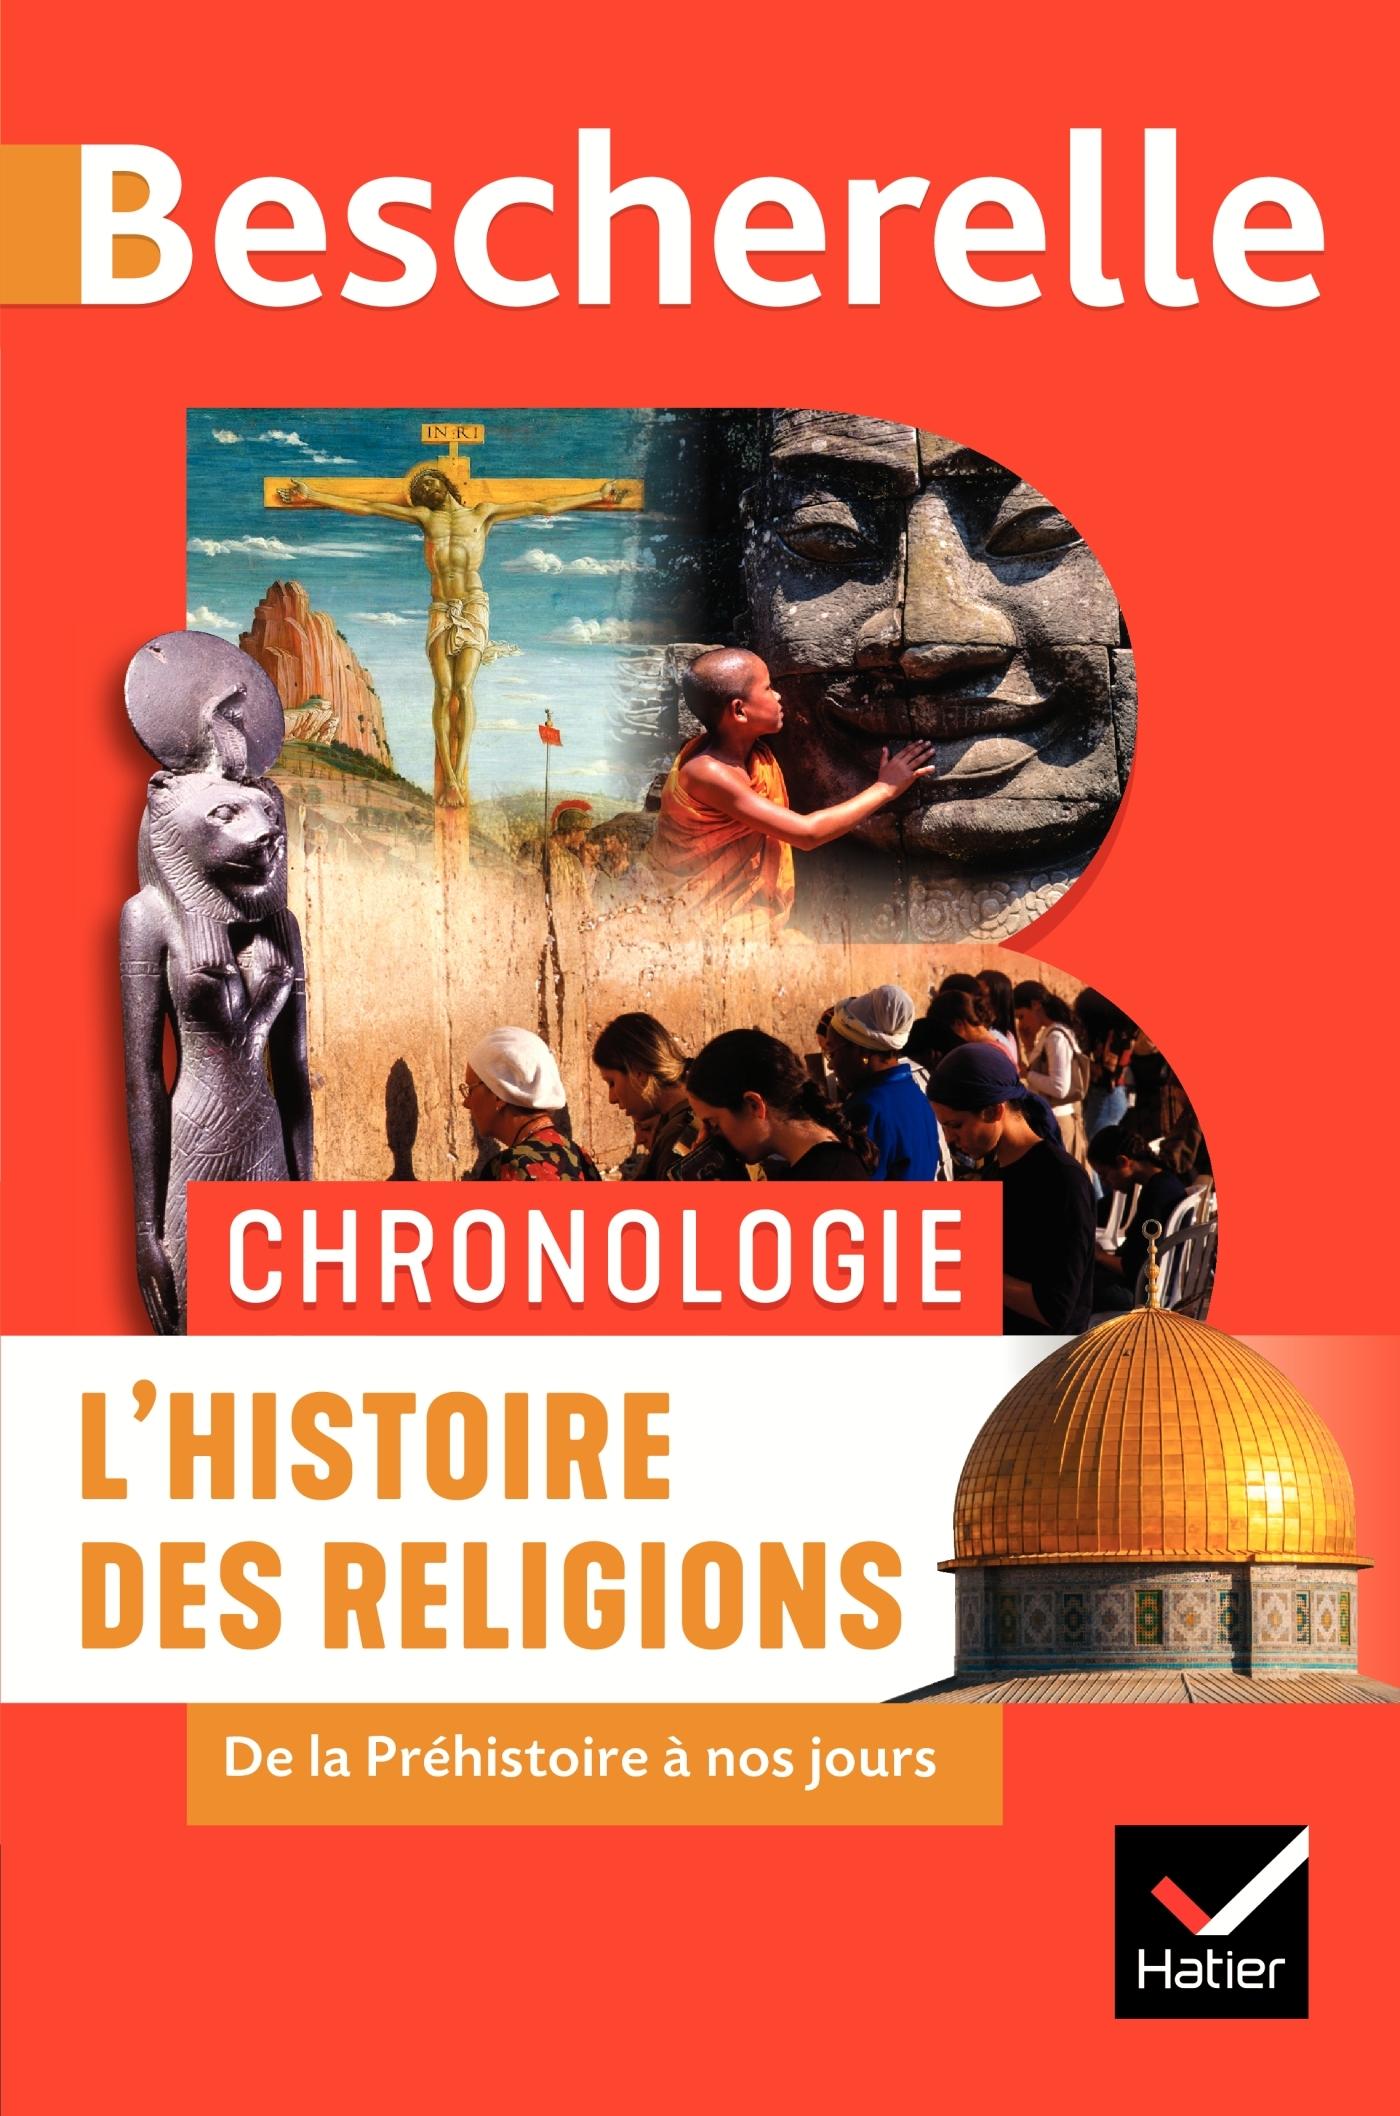 BESCHERELLE CHRONOLOGIE DE L'HISTOIRE DES RELIGIONS - DE LA PREHISTOIRE A NOS JOURS